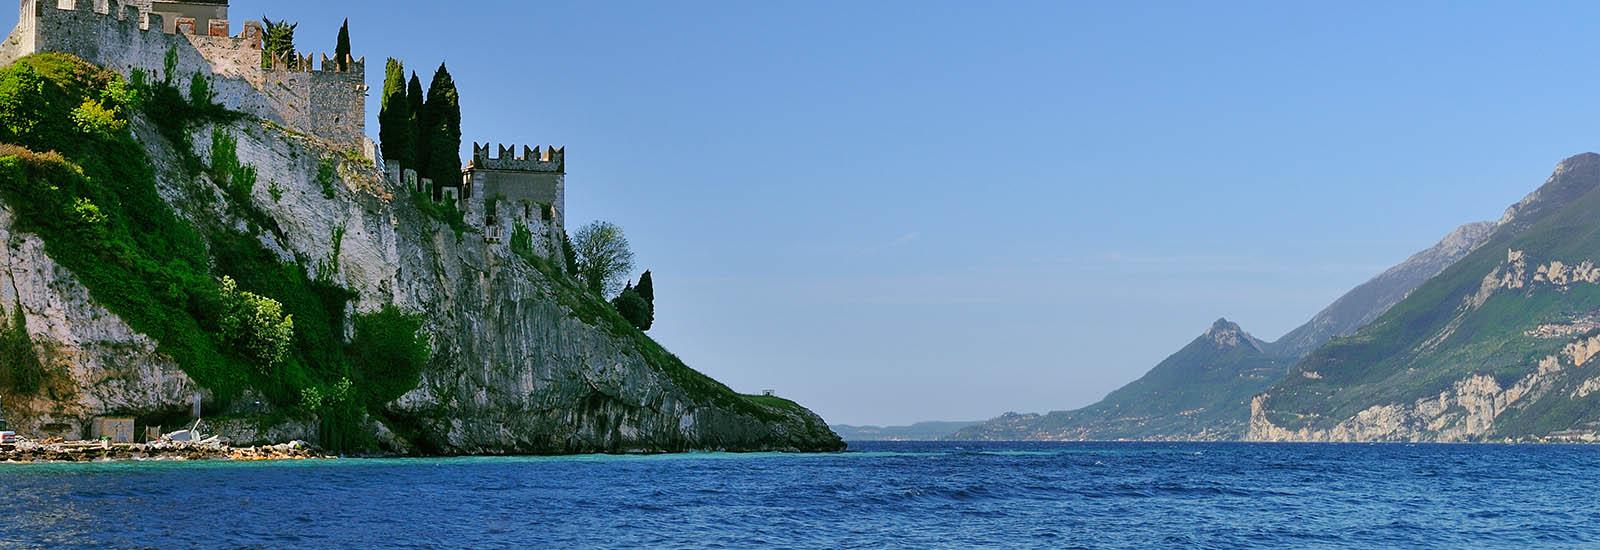 Malcesine (Garda Lake - Italy)